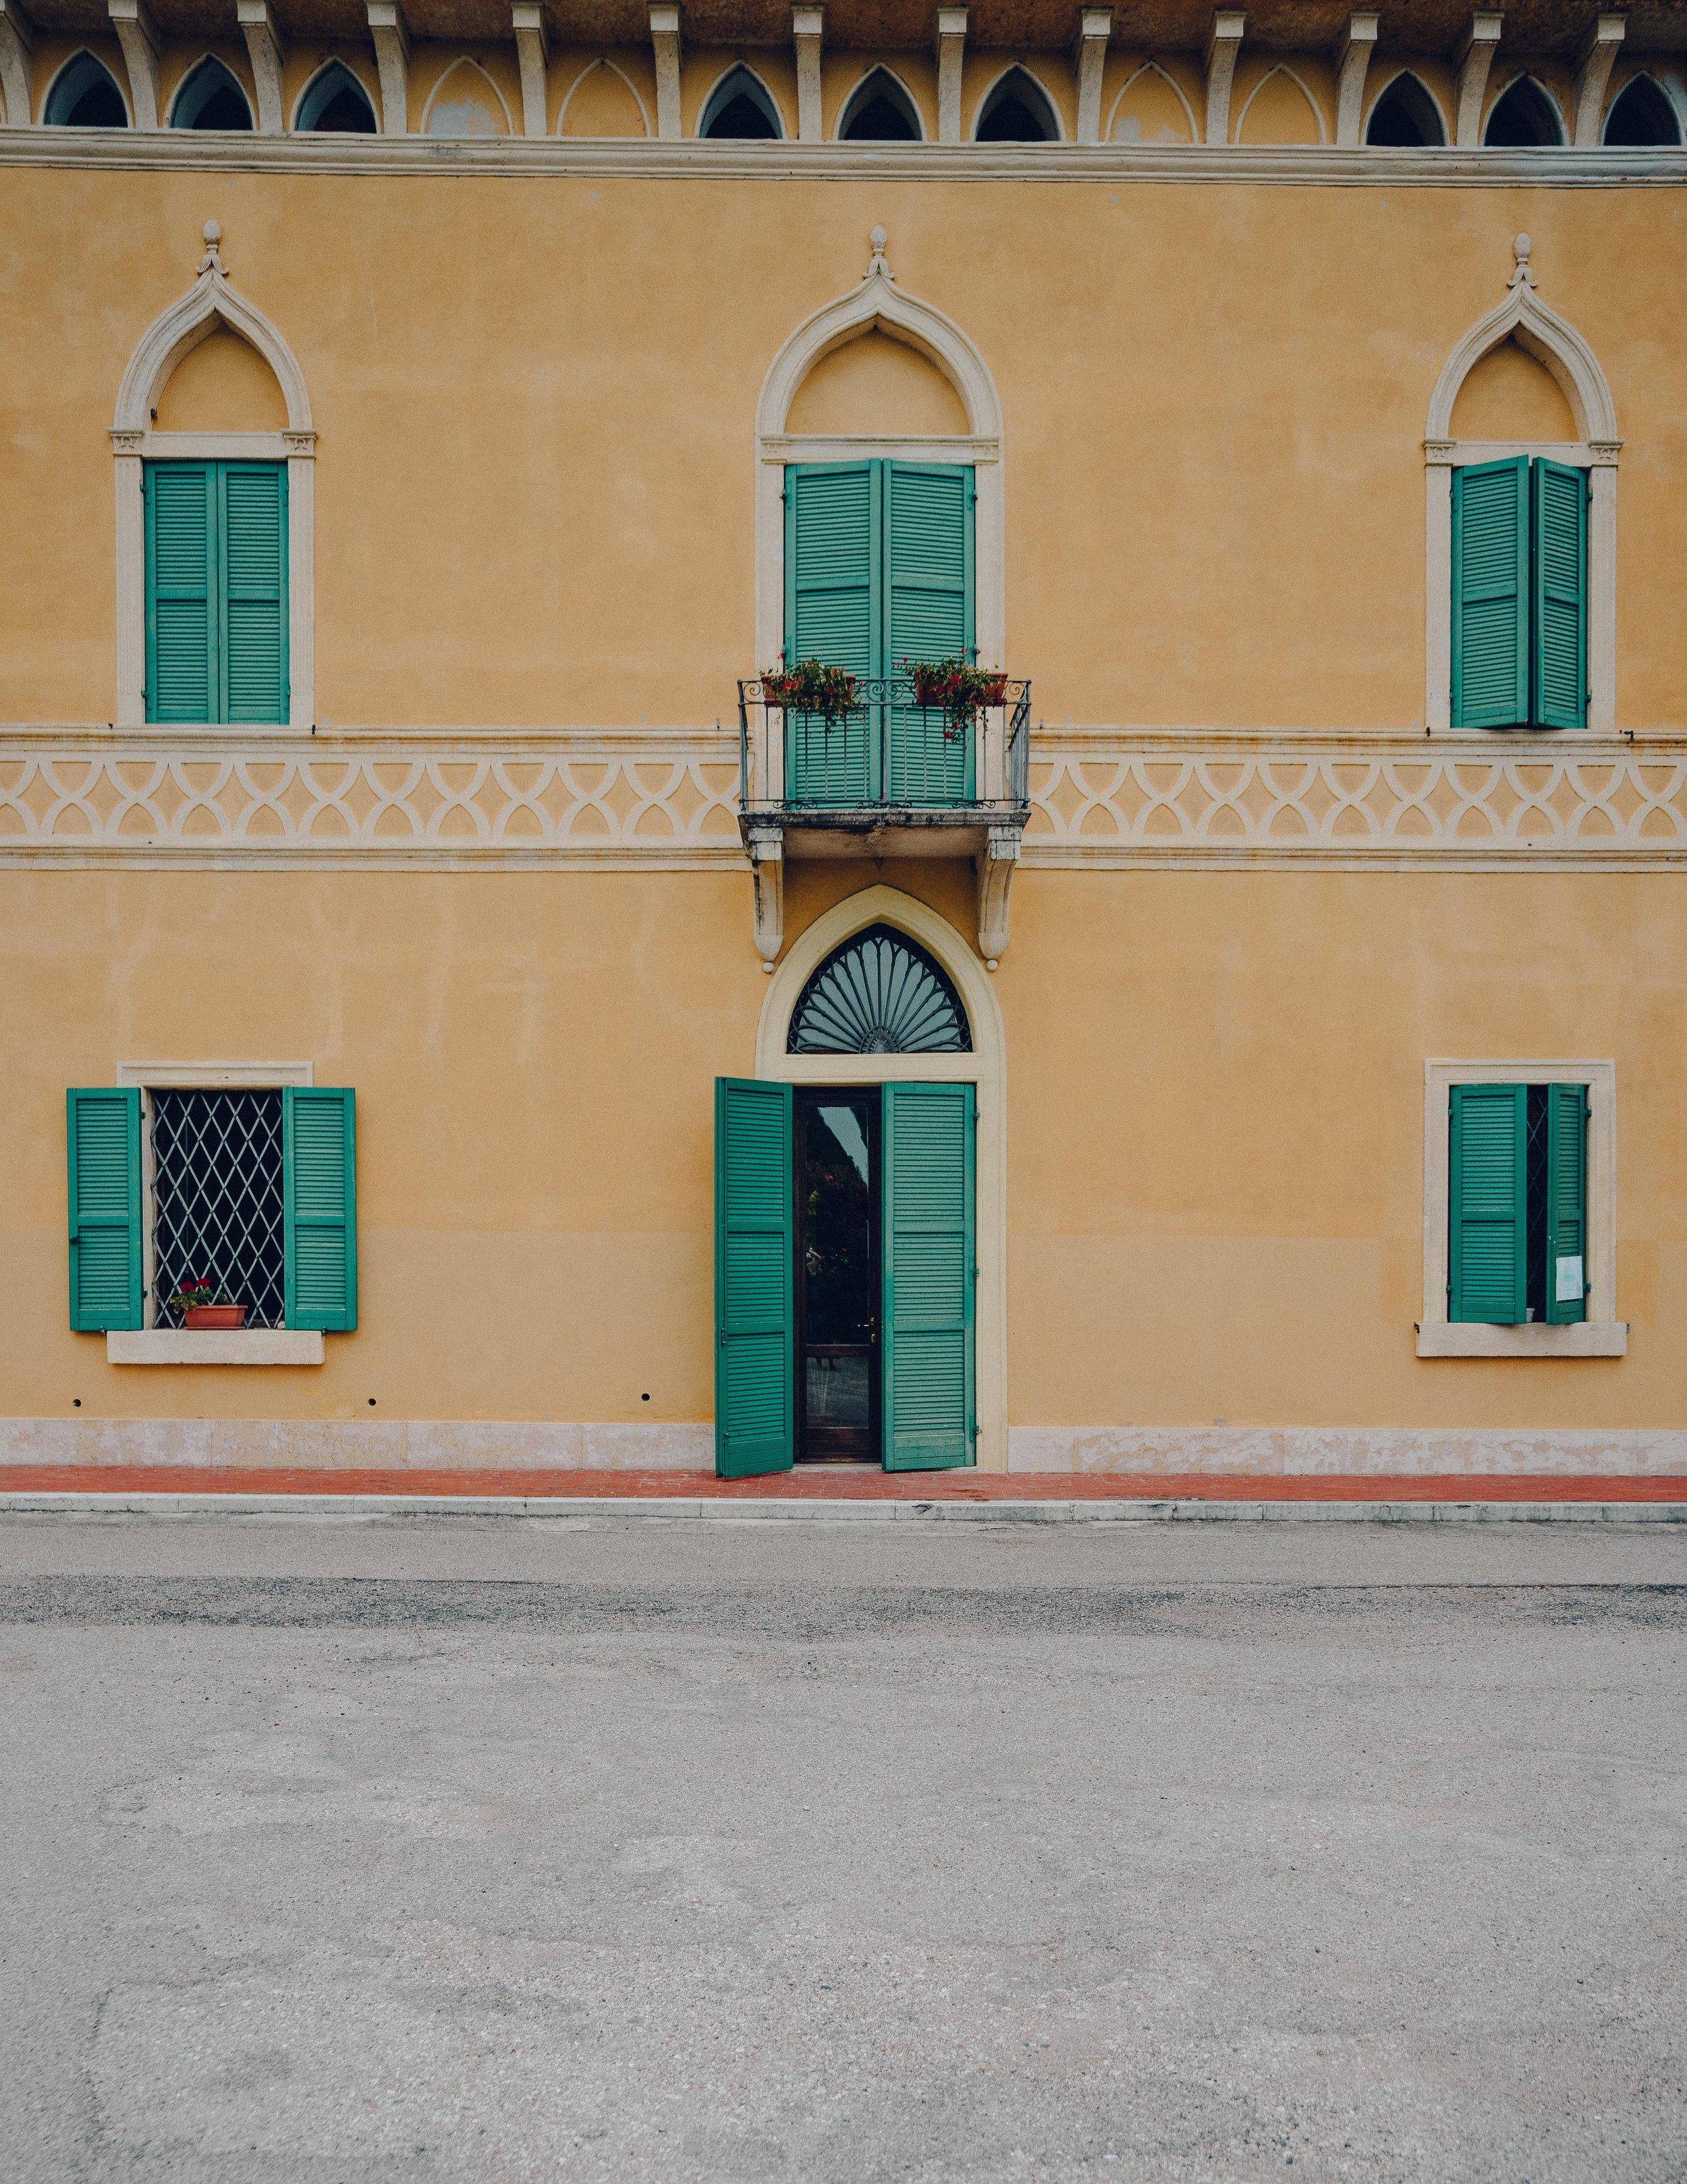 ASROSENVINGE_Roadtrip_Italy_Veneto-06673.jpg